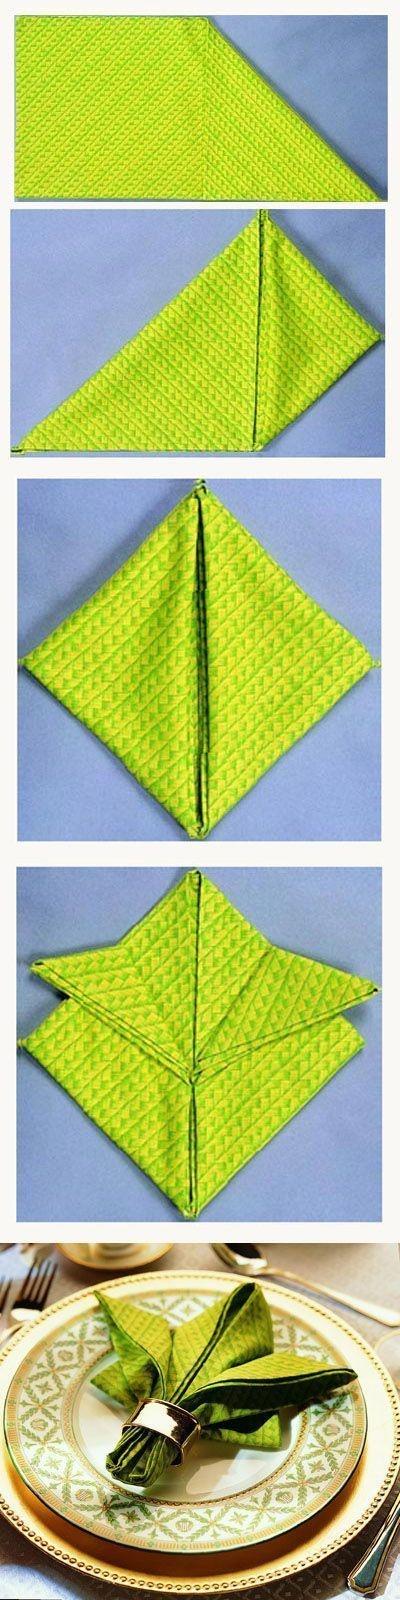 Pentru Revelion: Tehnici geniale de impaturire a servetelelor - Poza 12